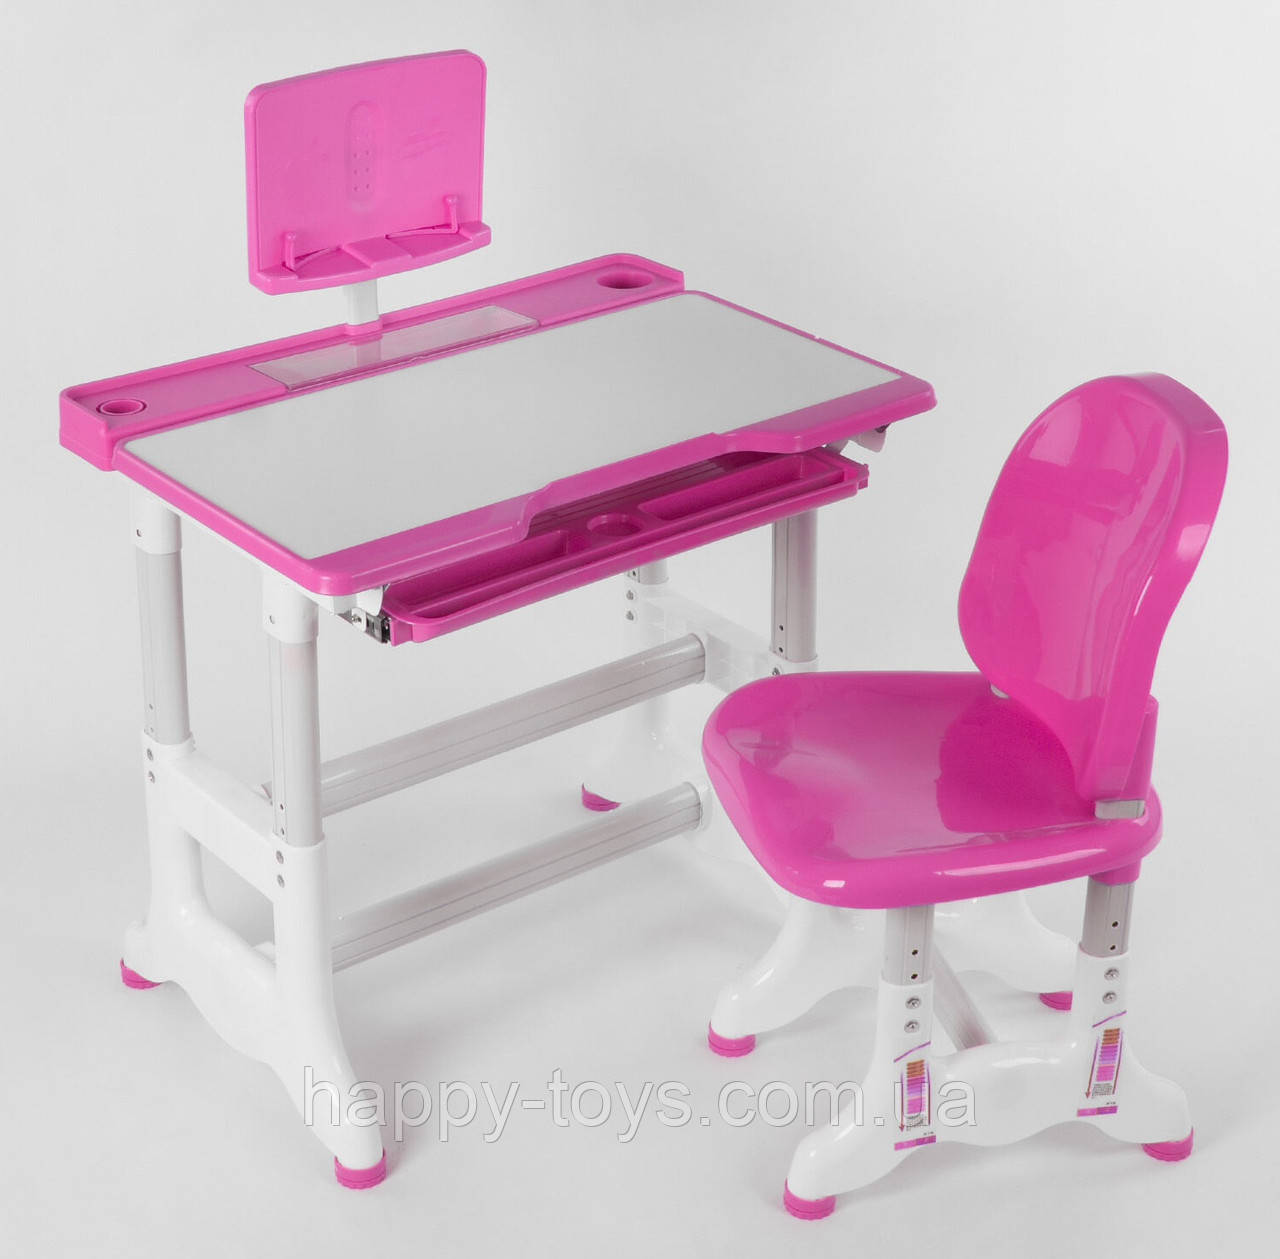 Школьная парта Розовая для девочки со стульчиком с регулировкой высоты, парта школьная для дома J 55701